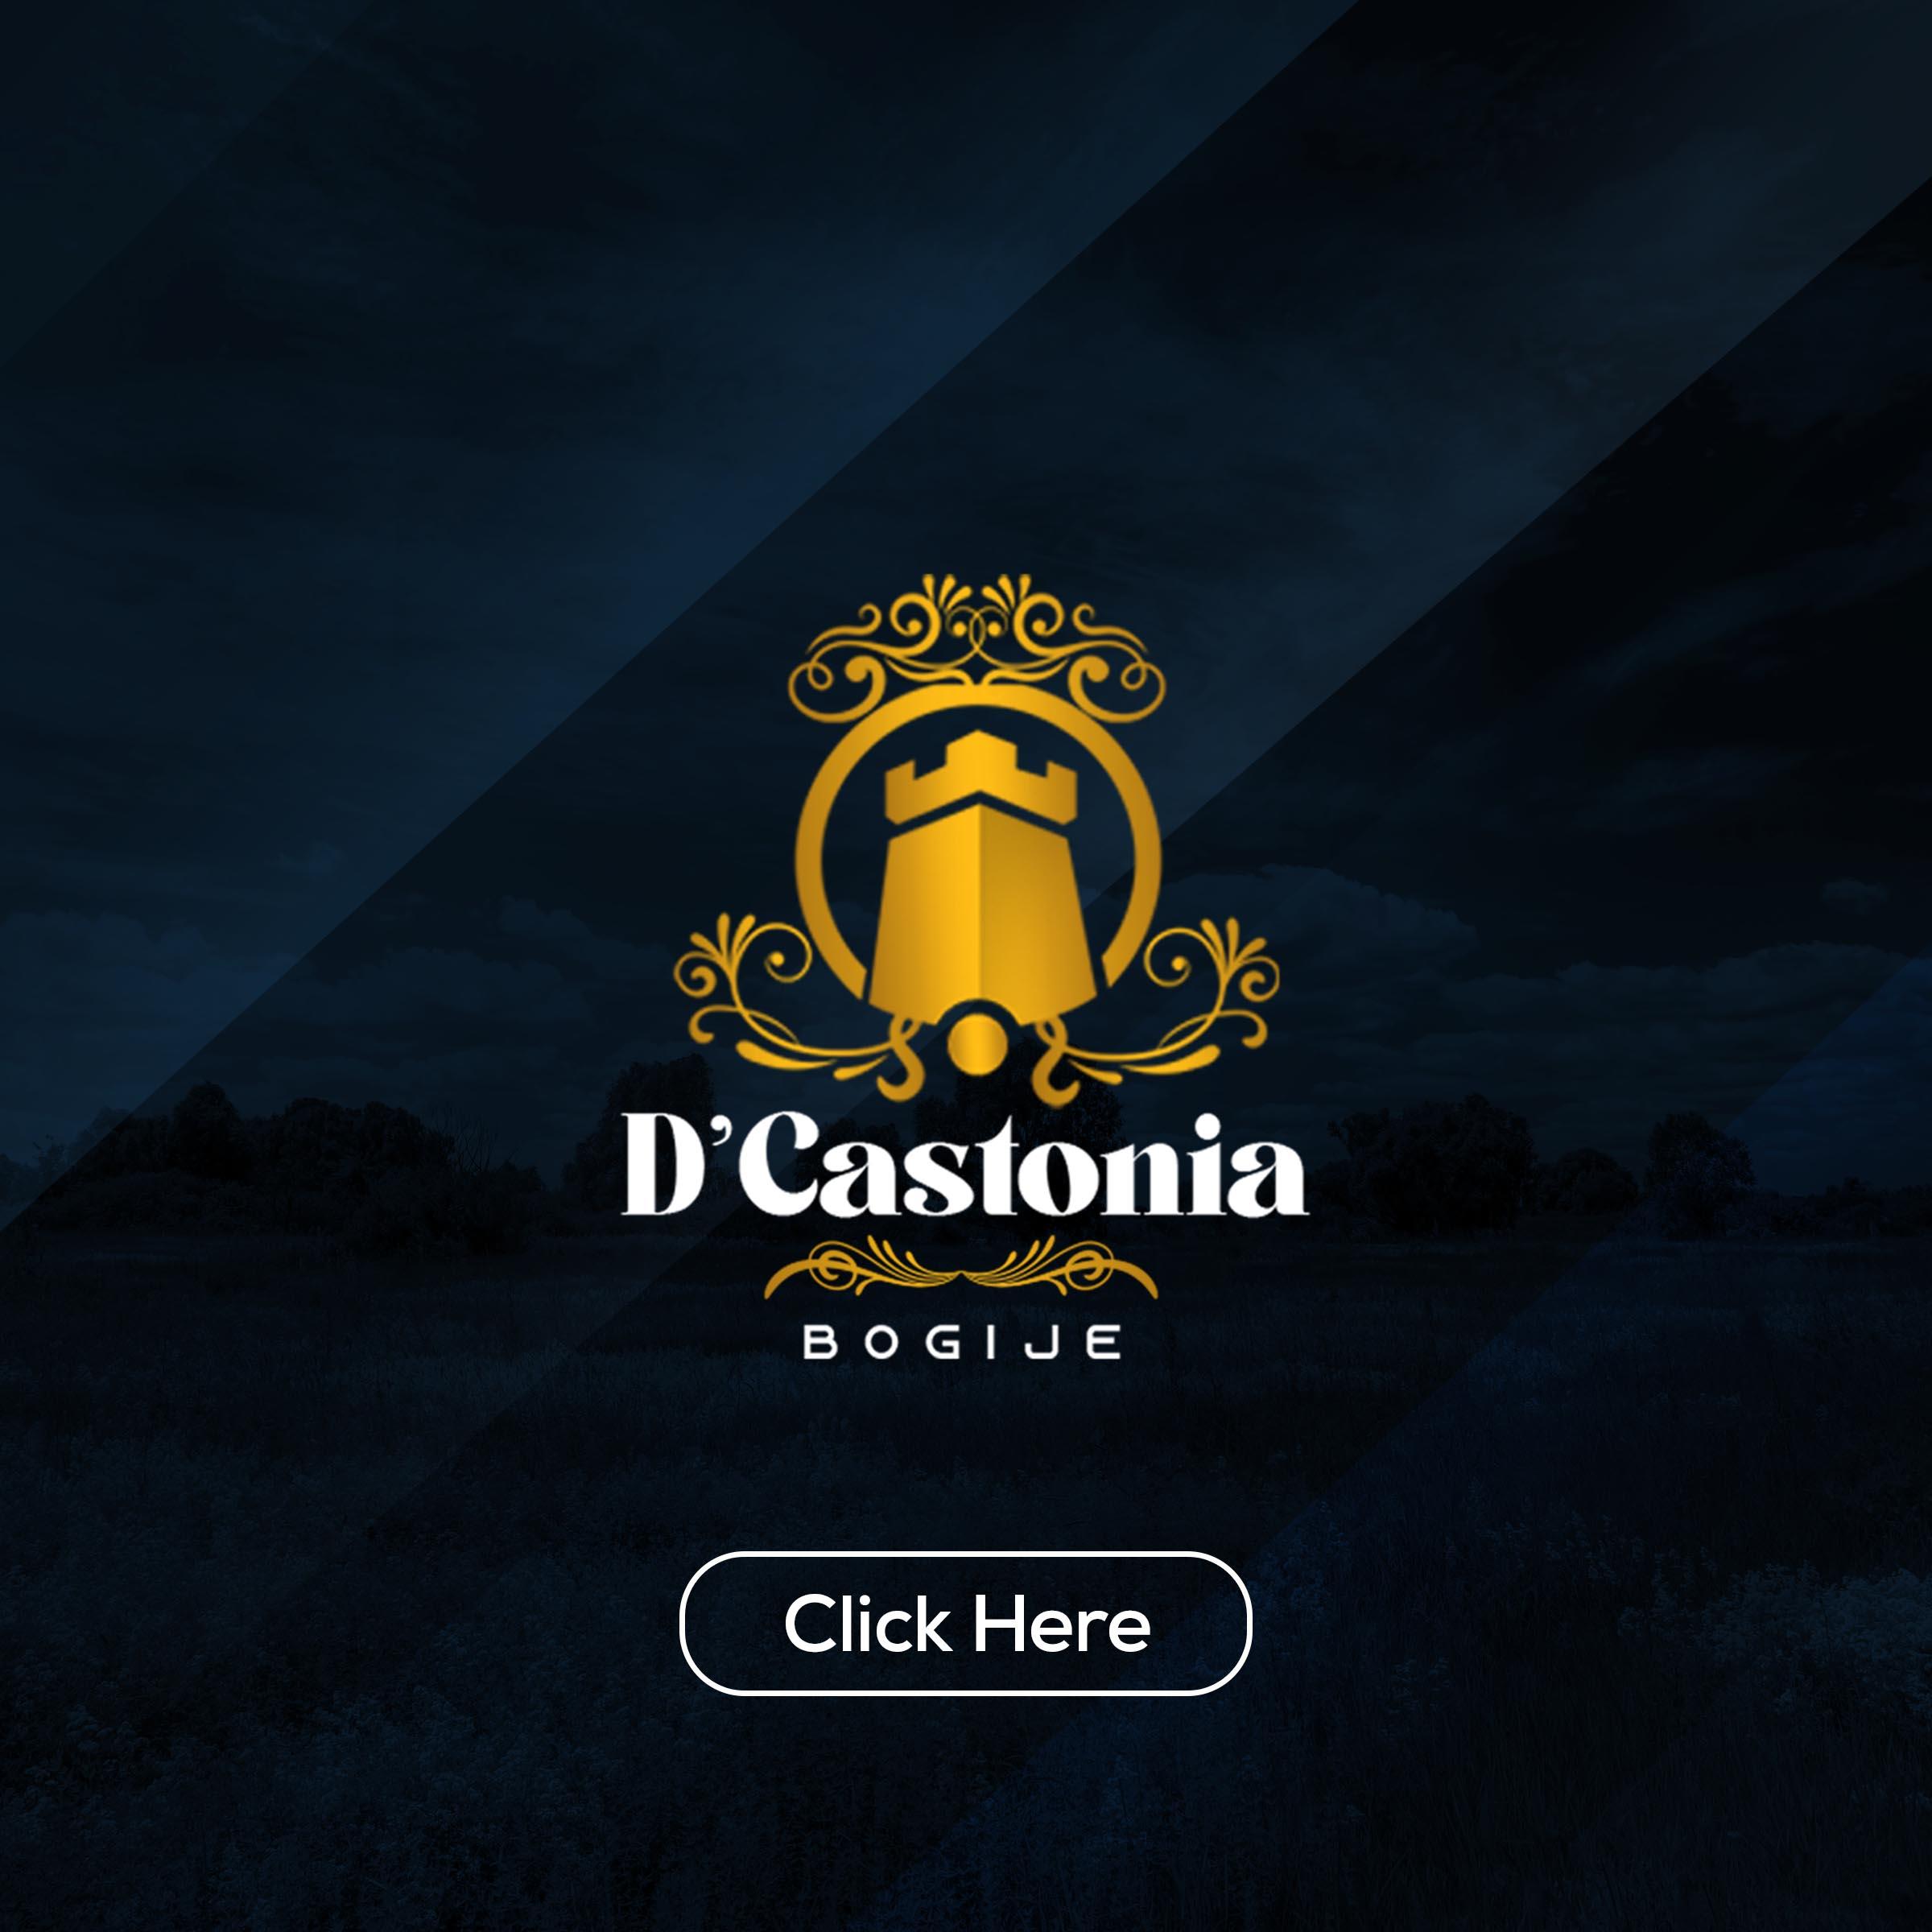 D'castonia click Project (2)